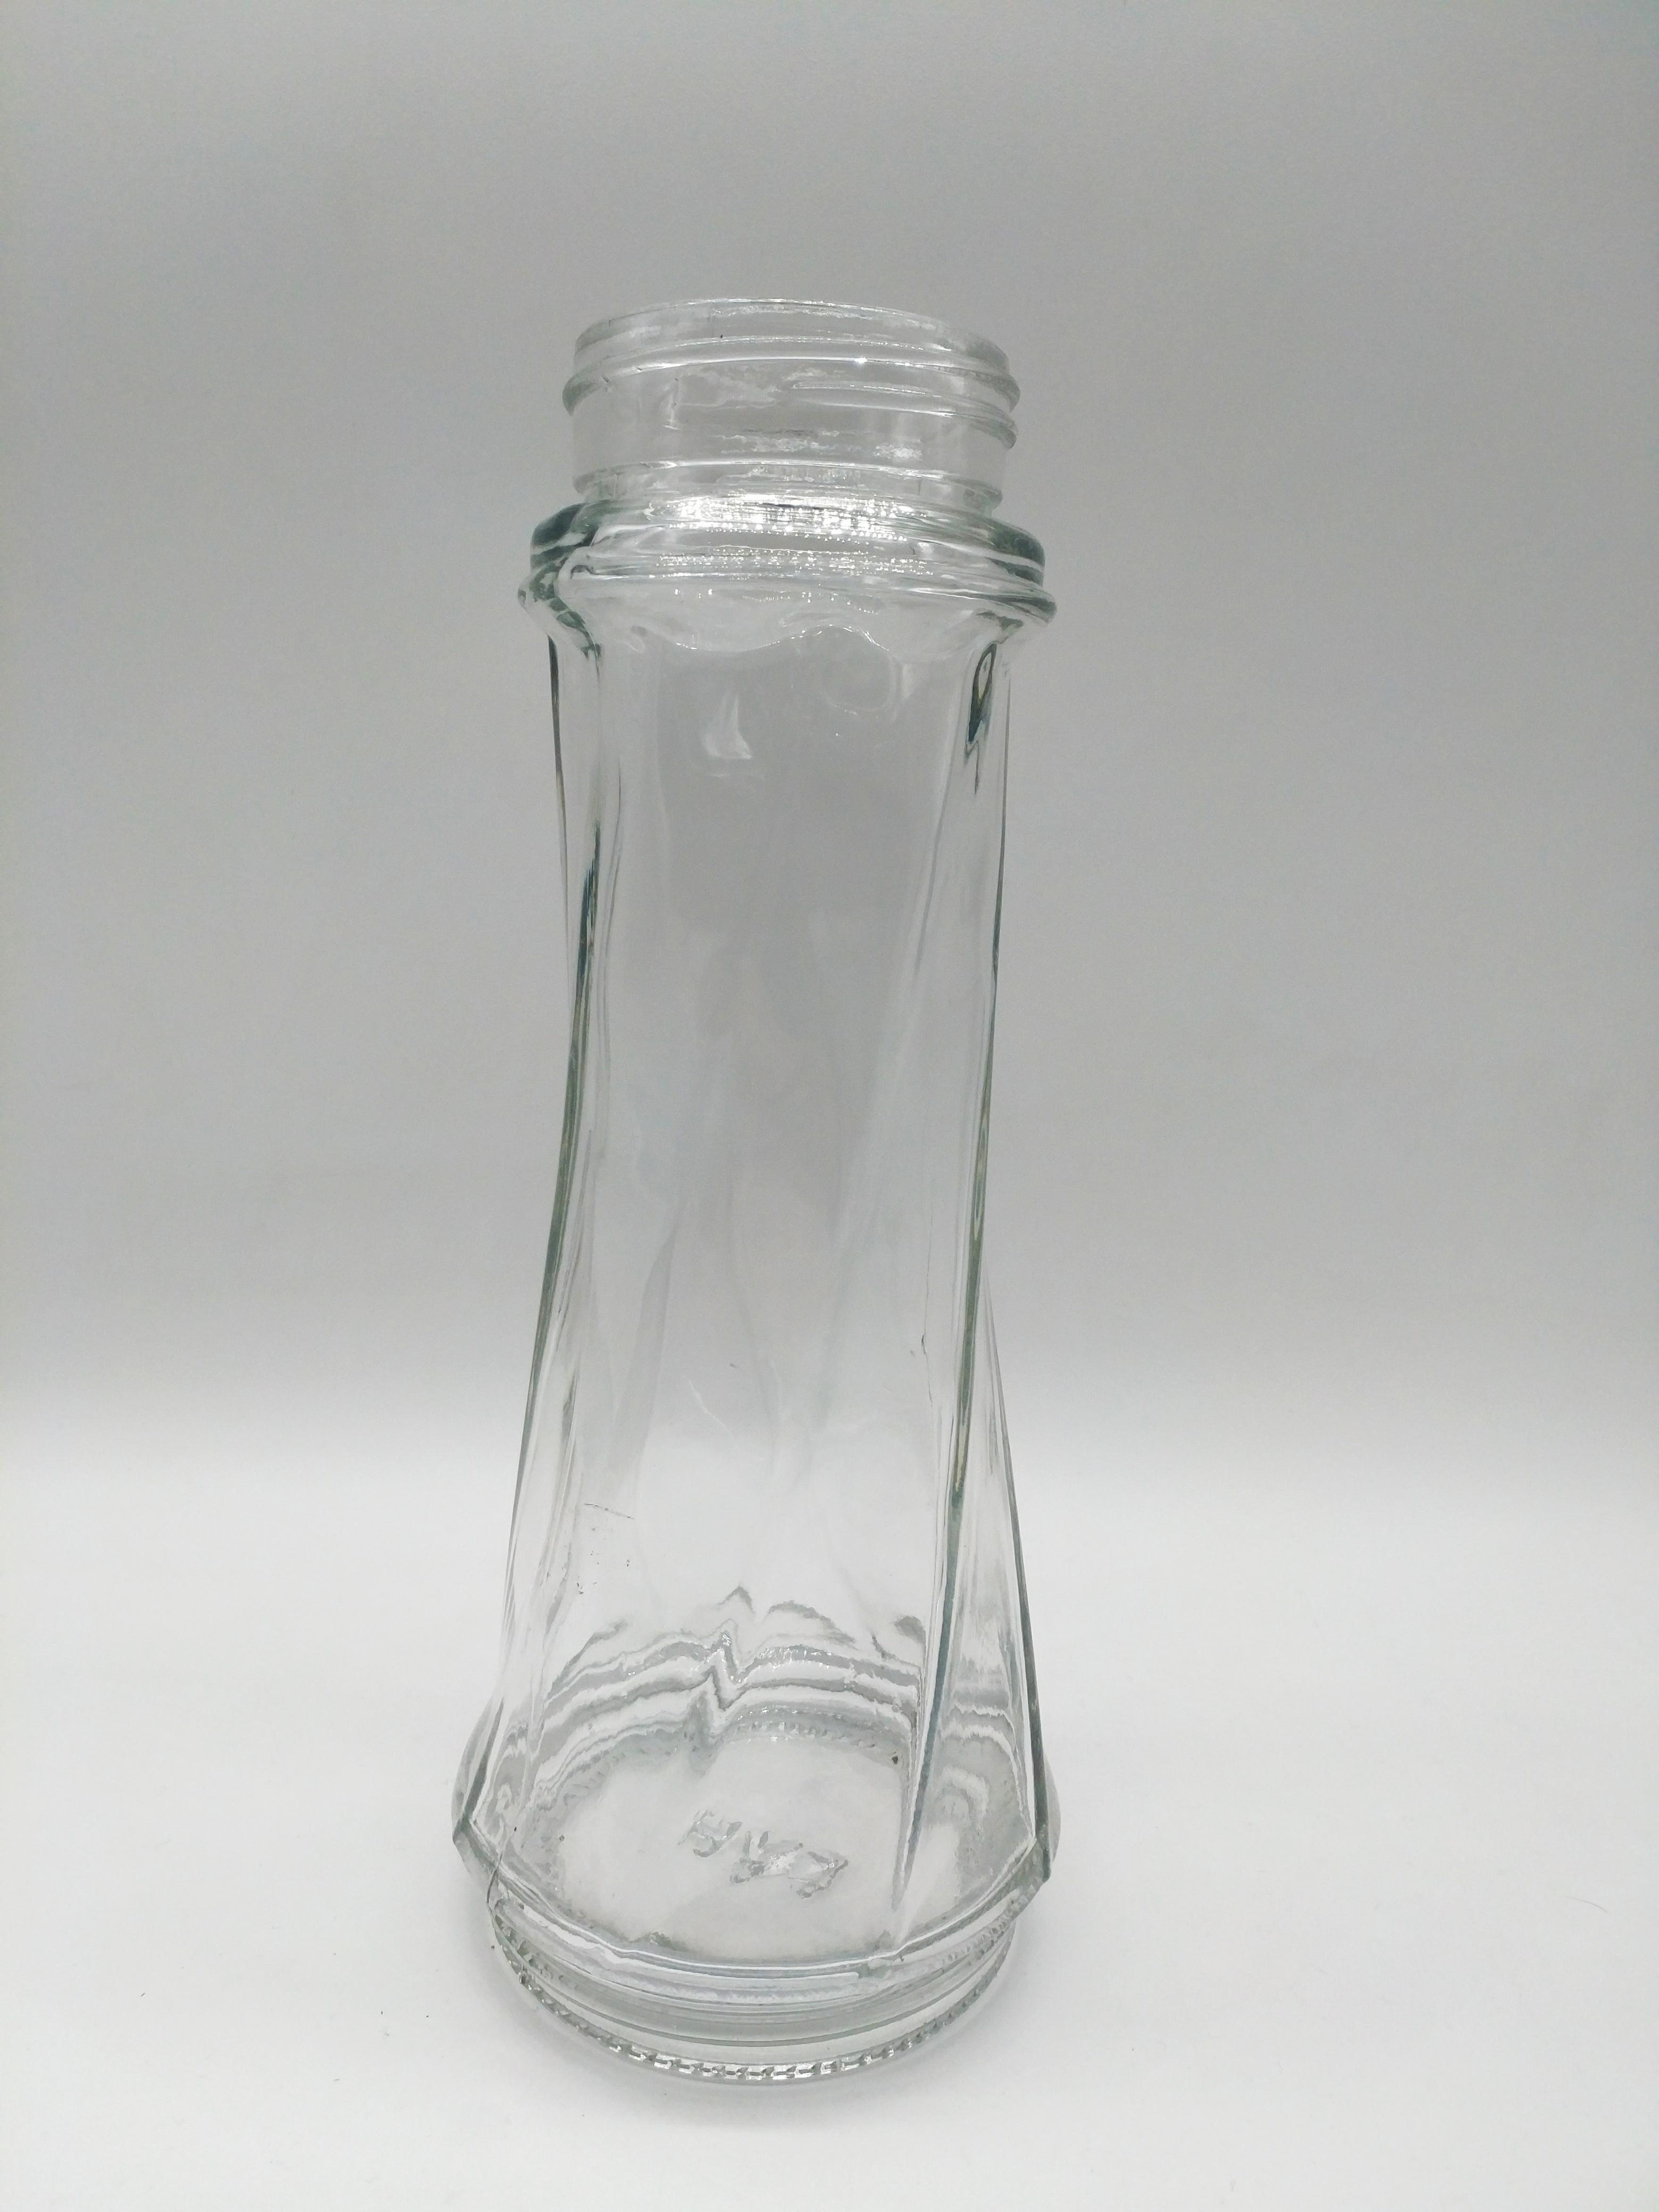 玻璃瓶酒瓶厂家怎么预防酒瓶裂开